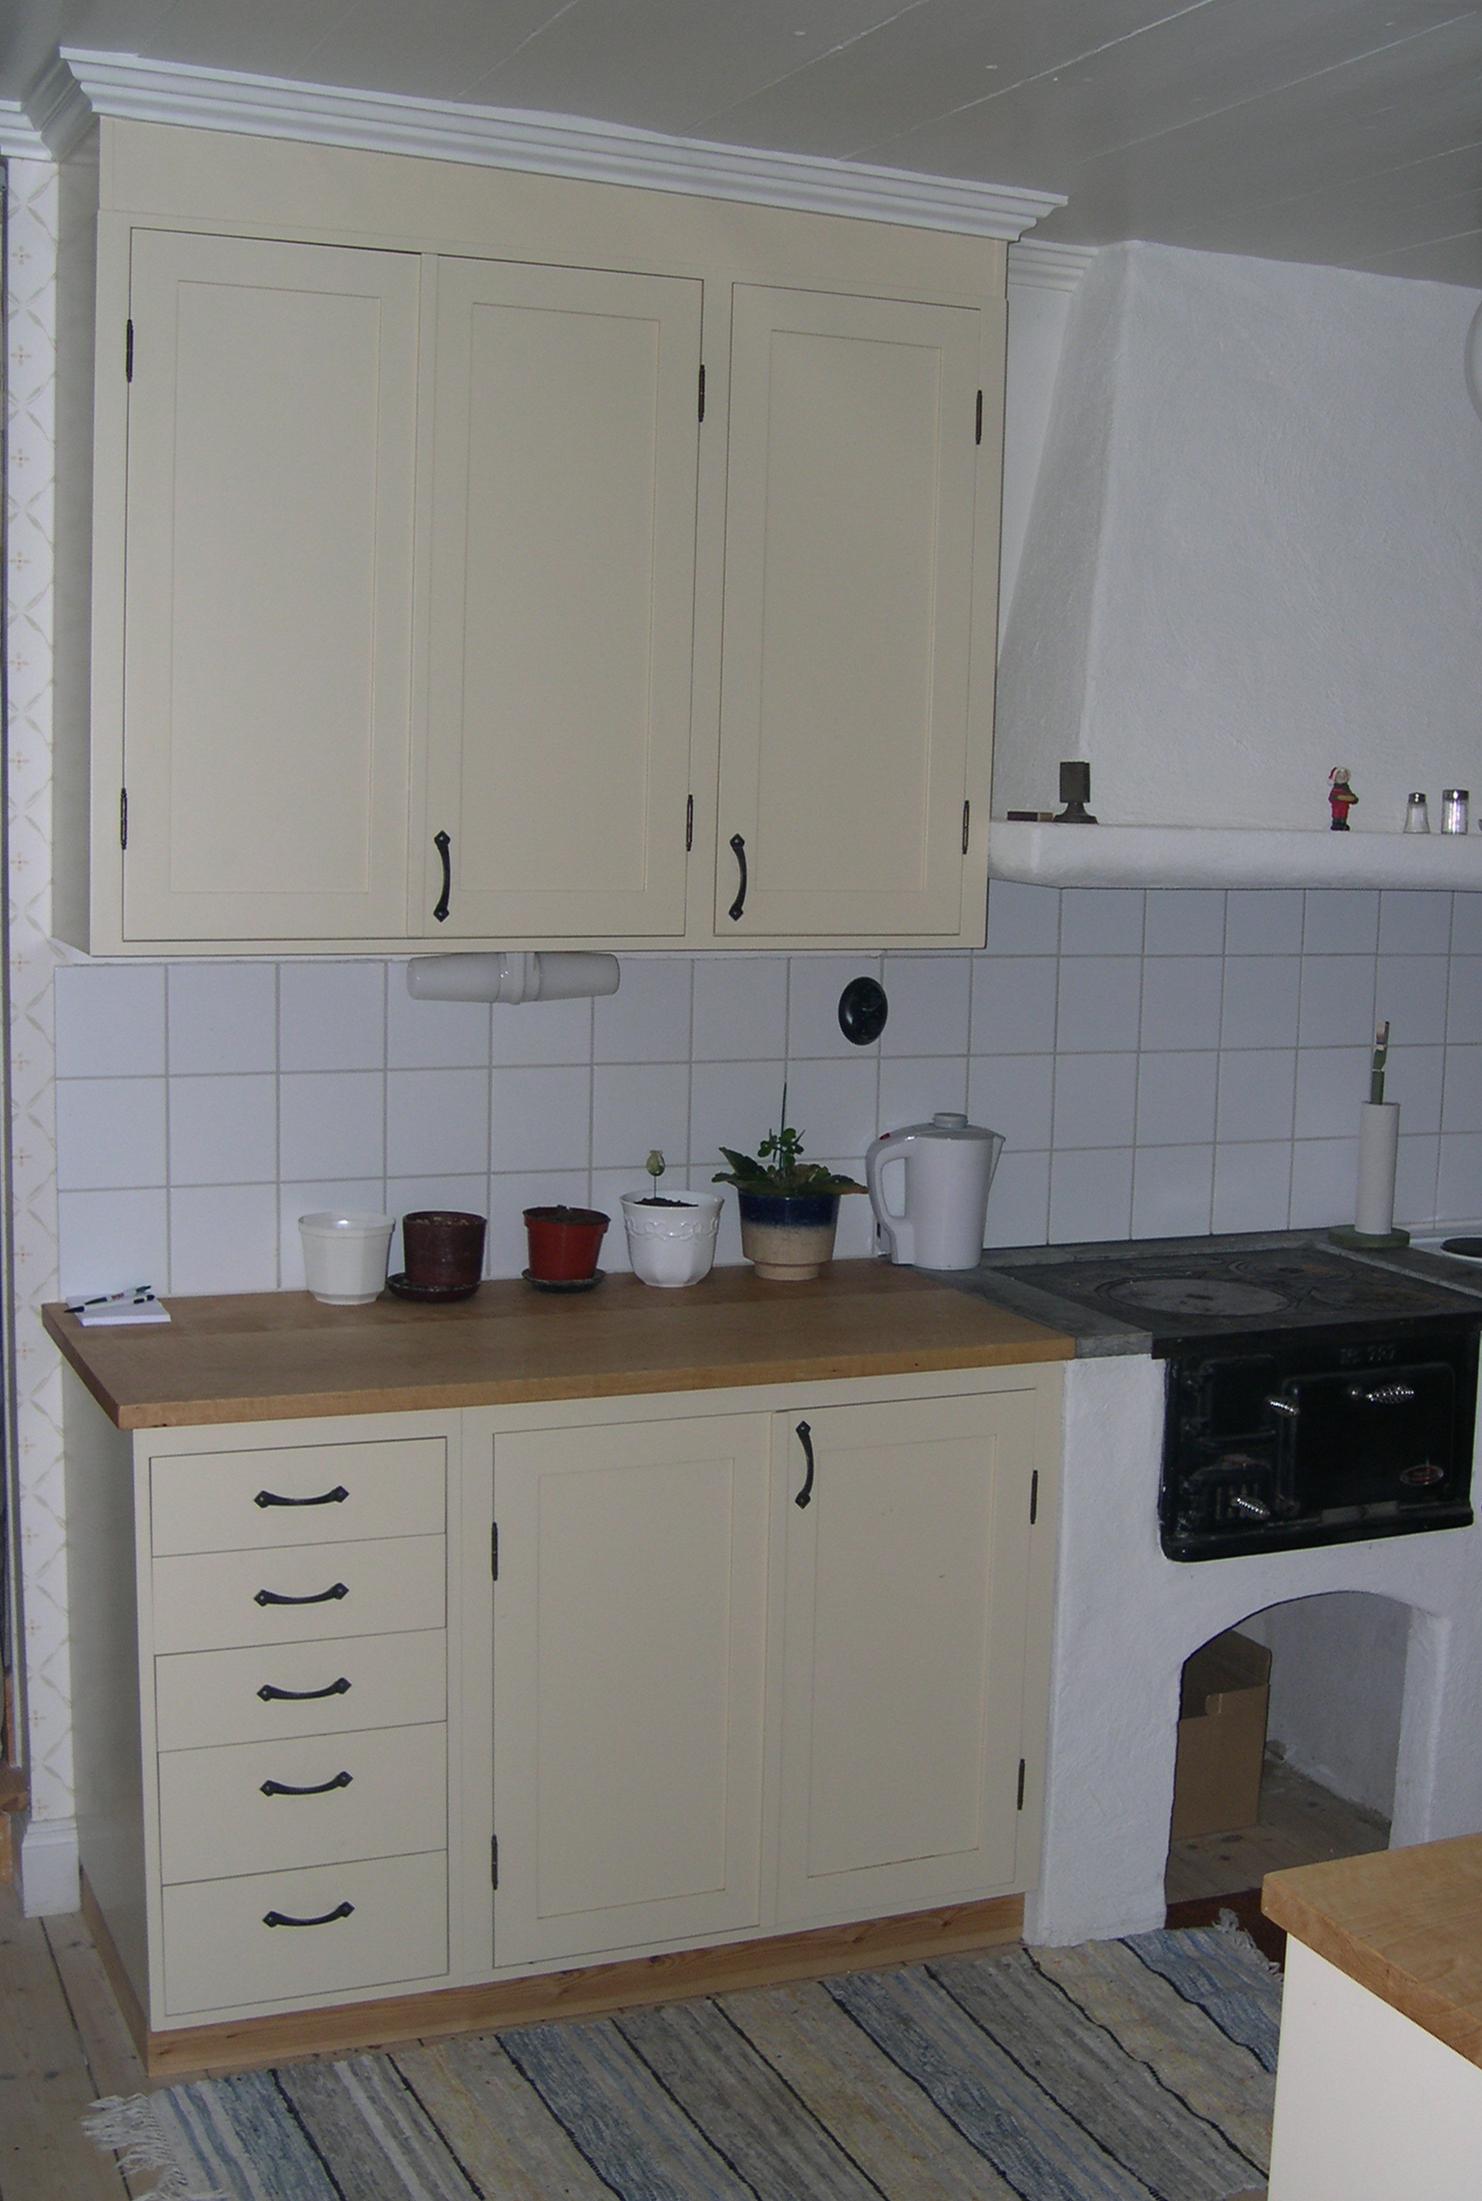 Kronogården kök, enkel ramlucka, bänk i björk